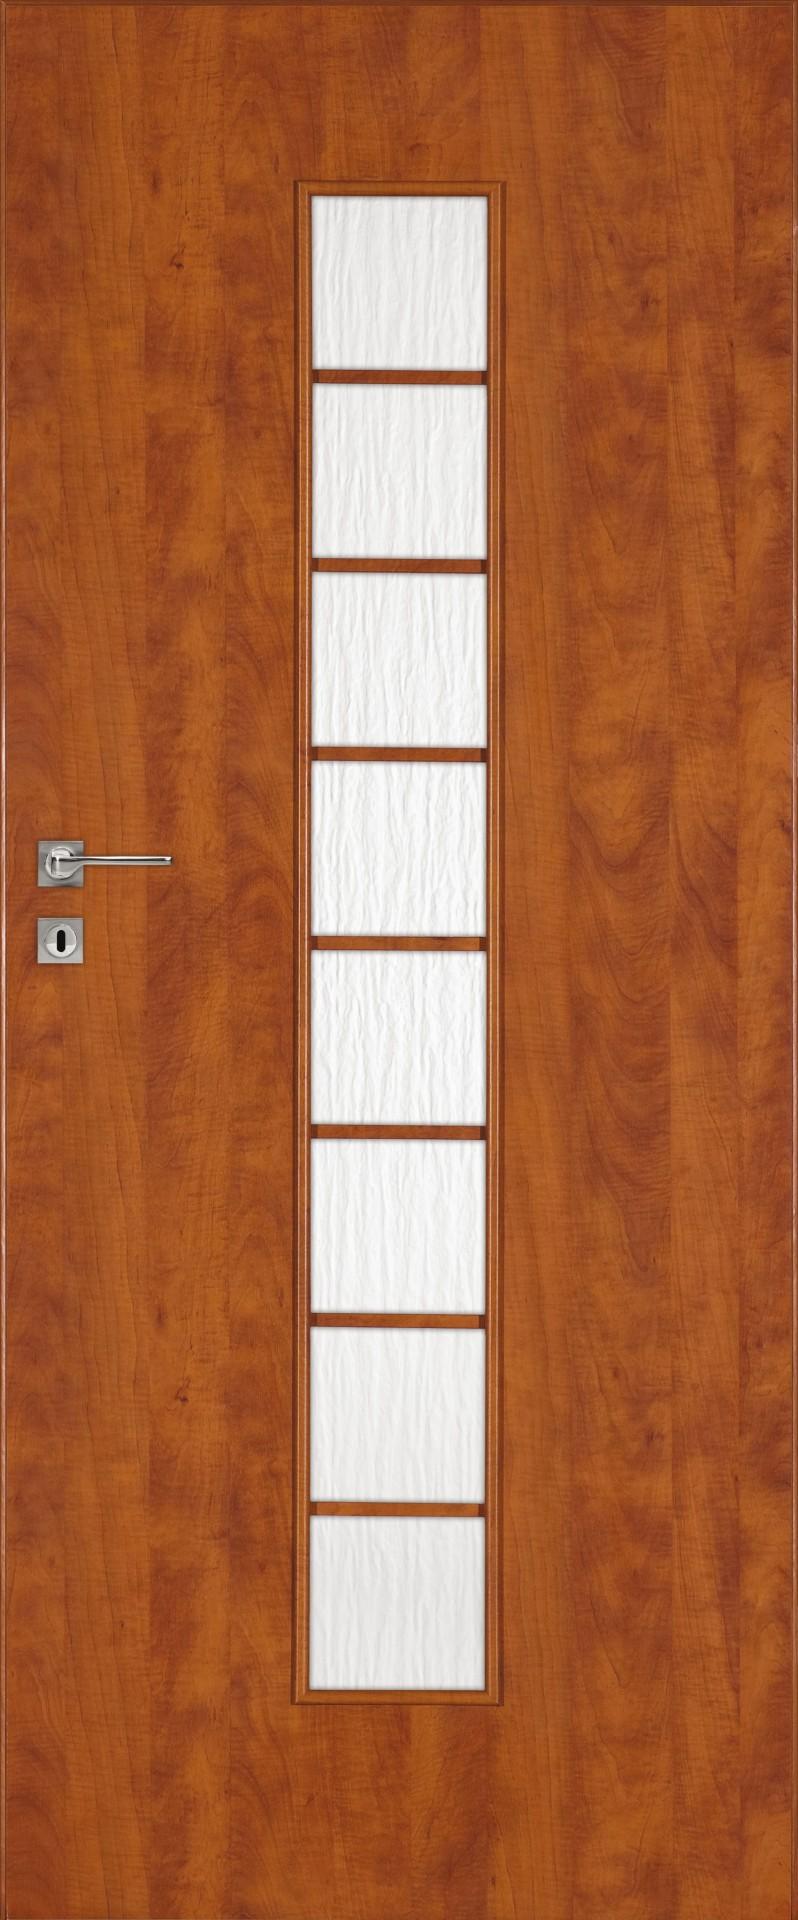 Dre dveře Standard 40s, Šíře v cm 70